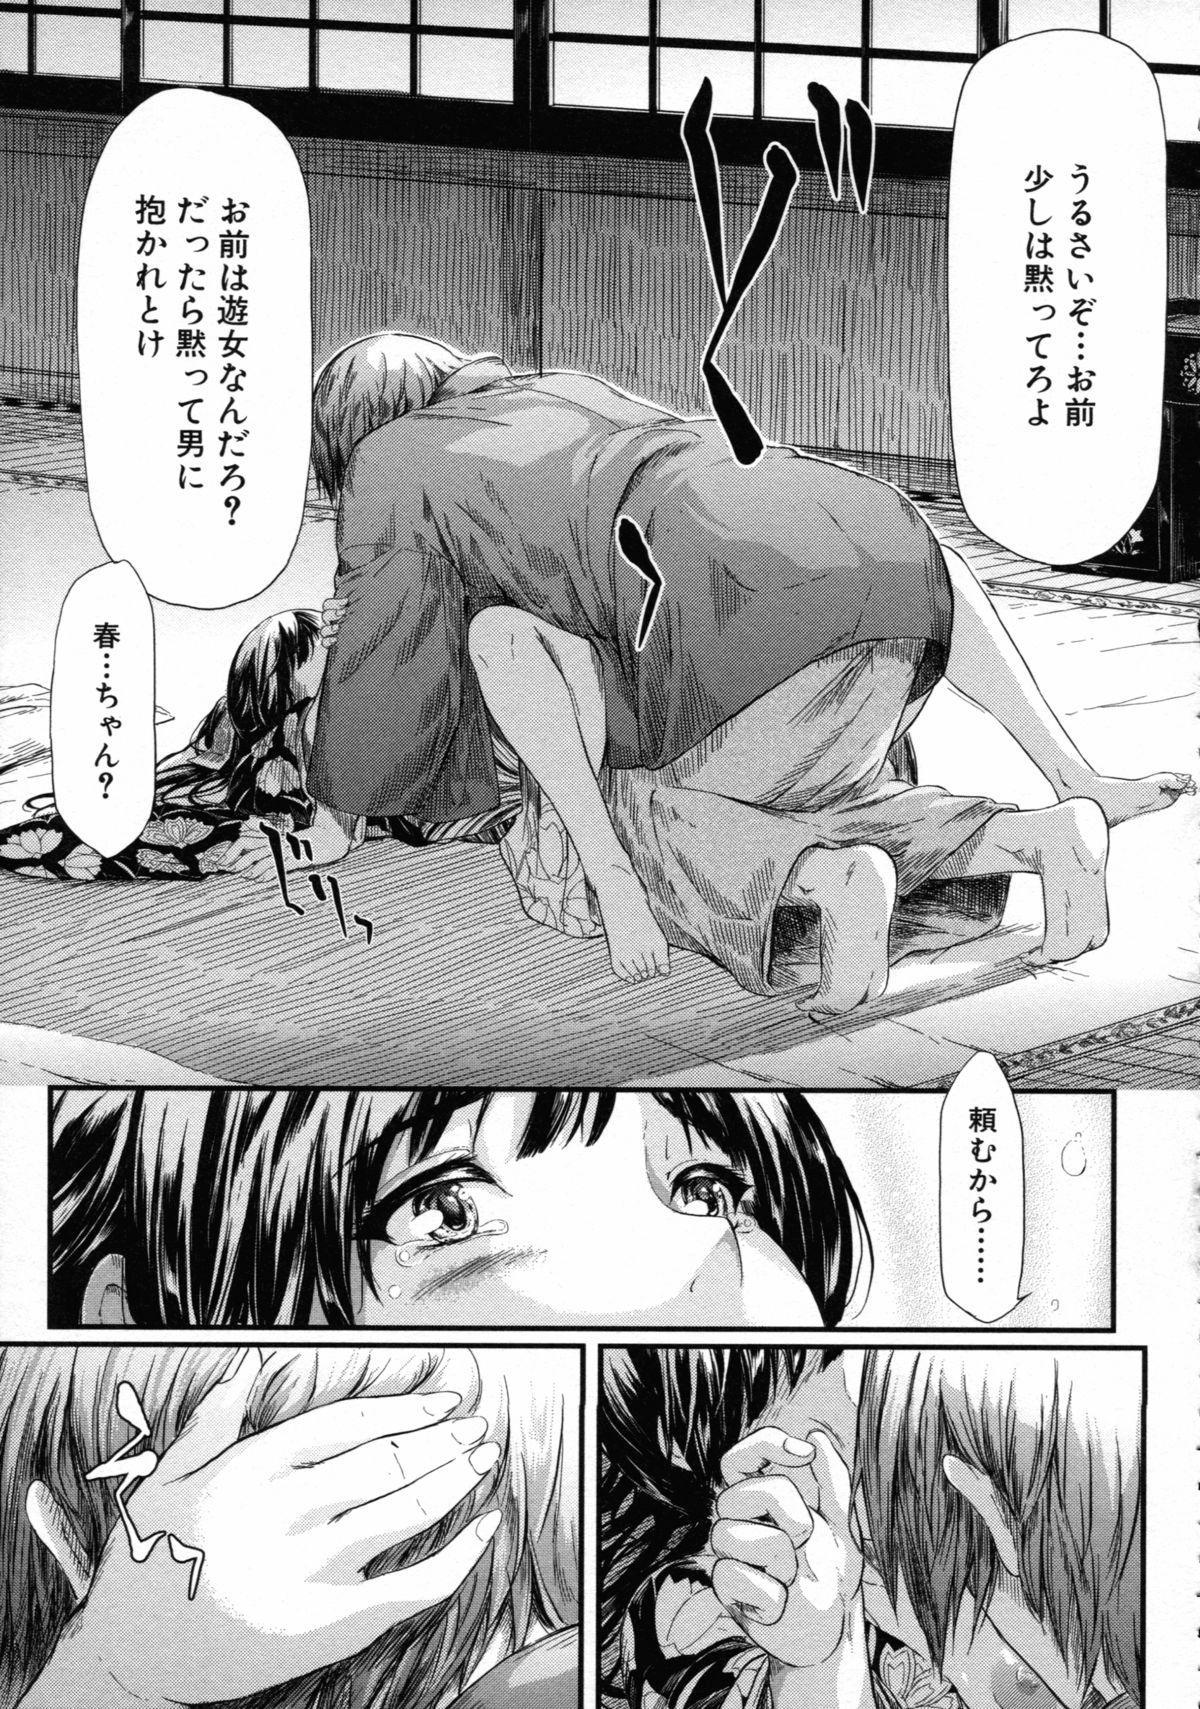 [Shiki Takuto] Tokoharu no Shoujo-tachi - The Girls in the Eternal Spring 109